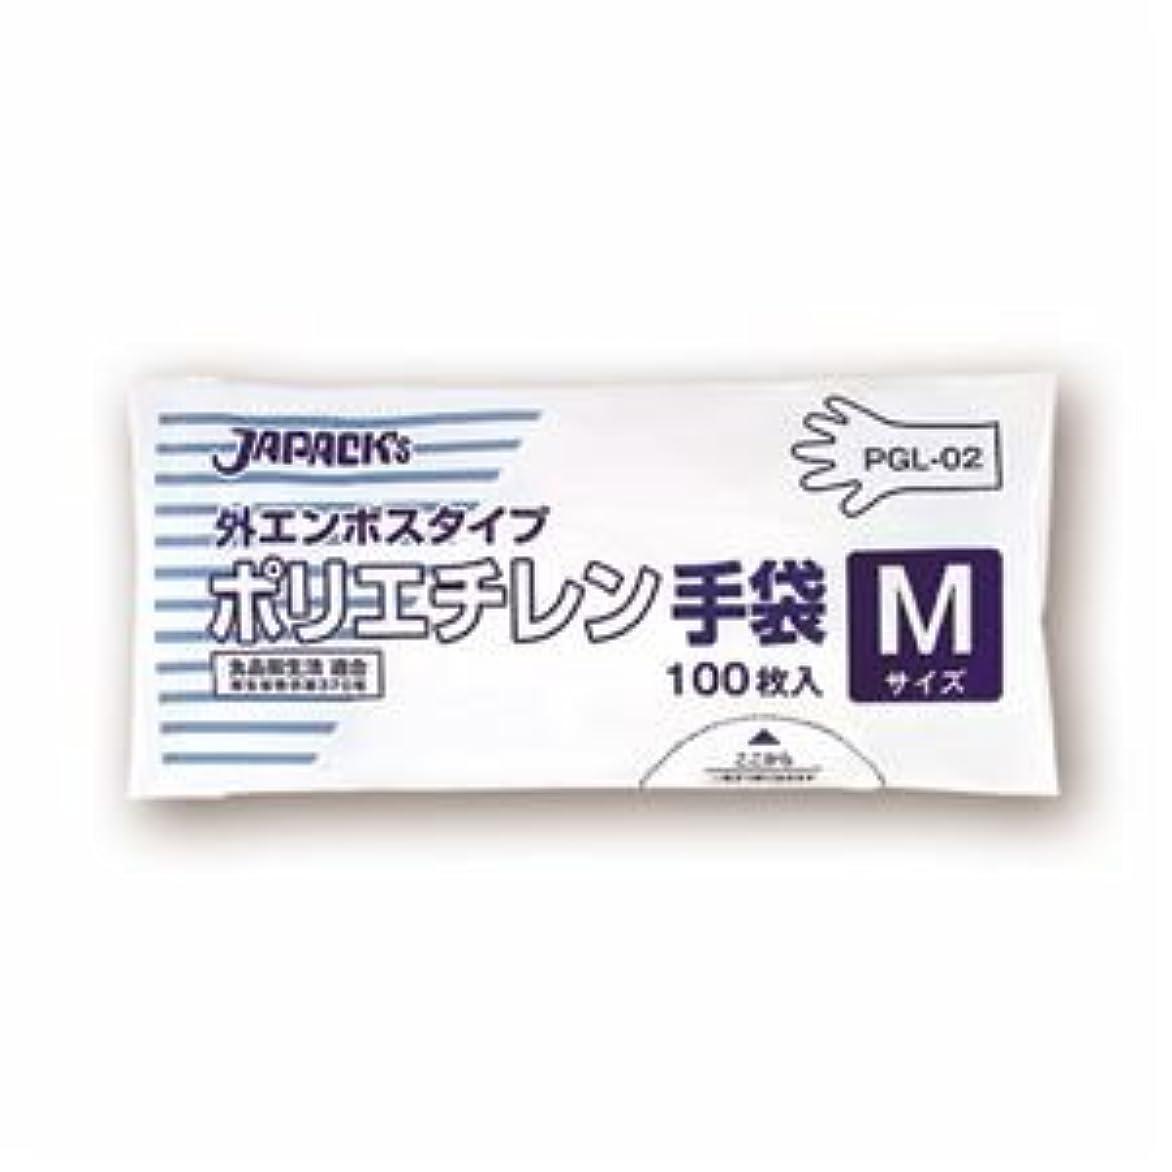 聞くゴミ箱パール(まとめ) ジャパックス 外エンボスタイプ LDポリエチレン手袋 M PGL-02 1パック(100枚) 【×20セット】